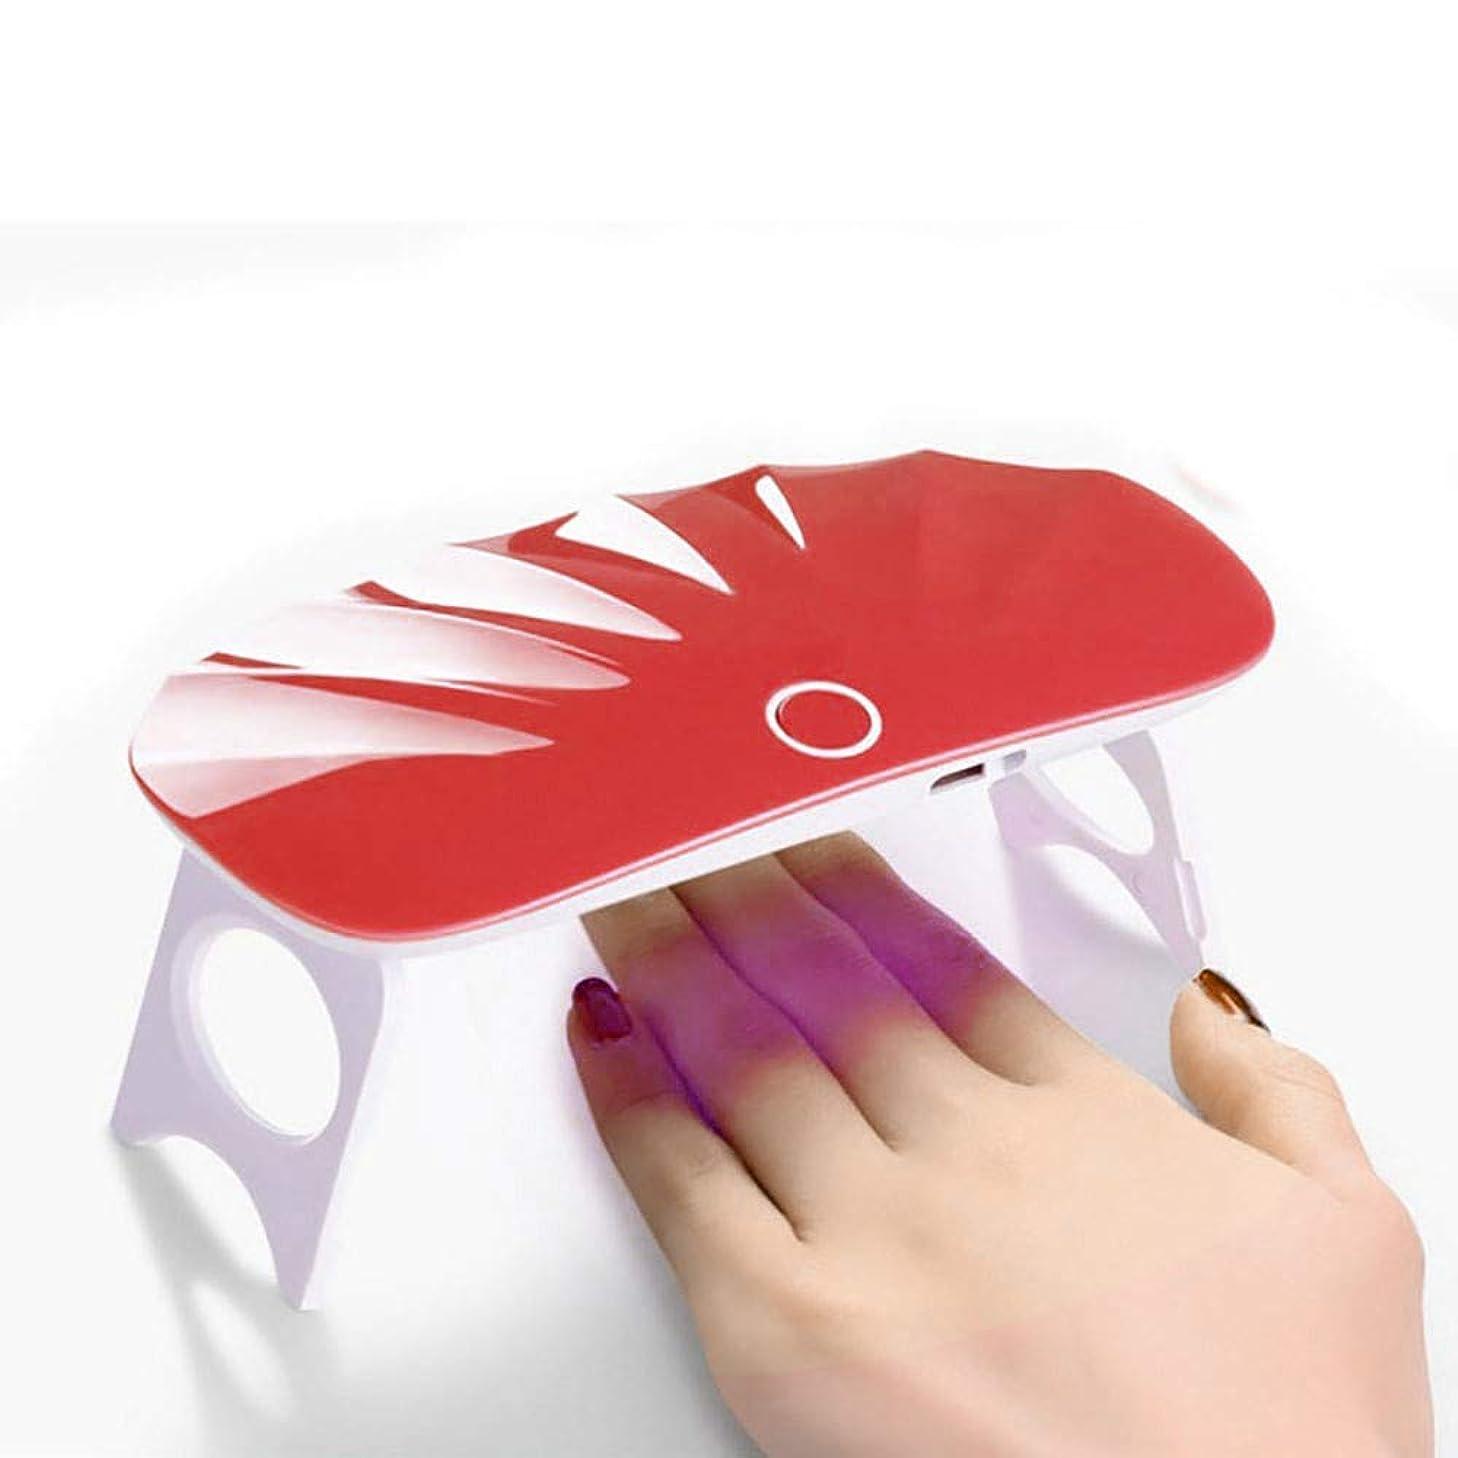 コイルくま広がりJilebao ネイルライト 6W ハイパワー USBライン付き ミニ 可愛い ジェルネイル レジンクラフト コンパクト LEDライト UVライト ネイルドライヤー 自動検知モード 折りたたみ式 手足とも使える (レッド)